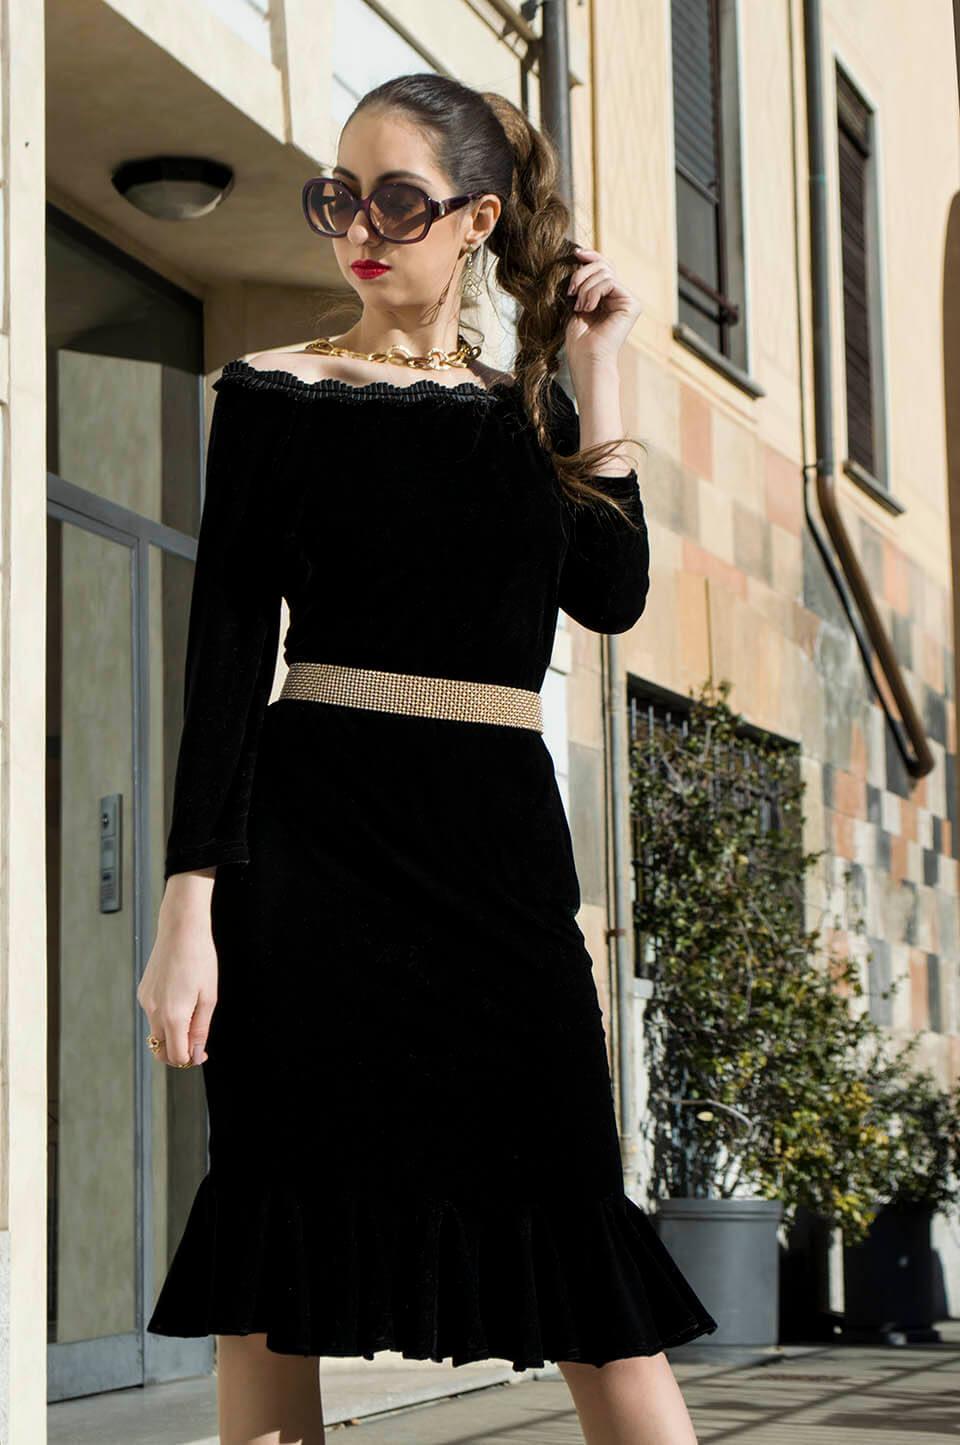 Velvet dress outfit - Manu Luize